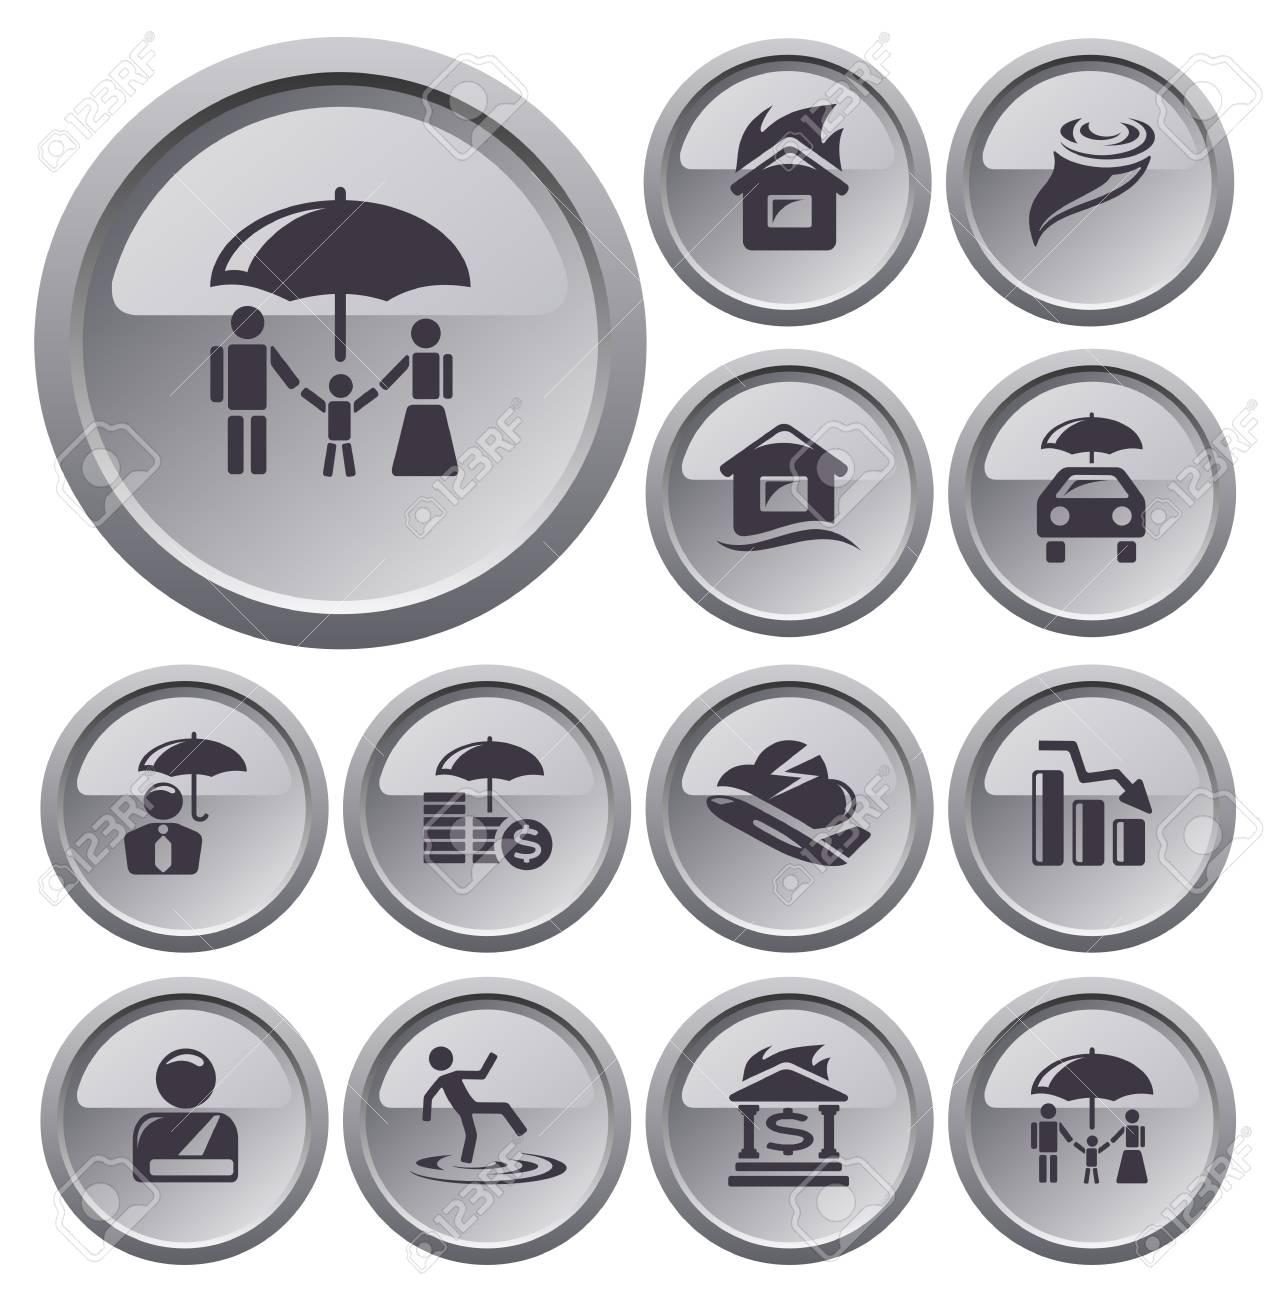 Insurance button set Stock Vector - 23925054